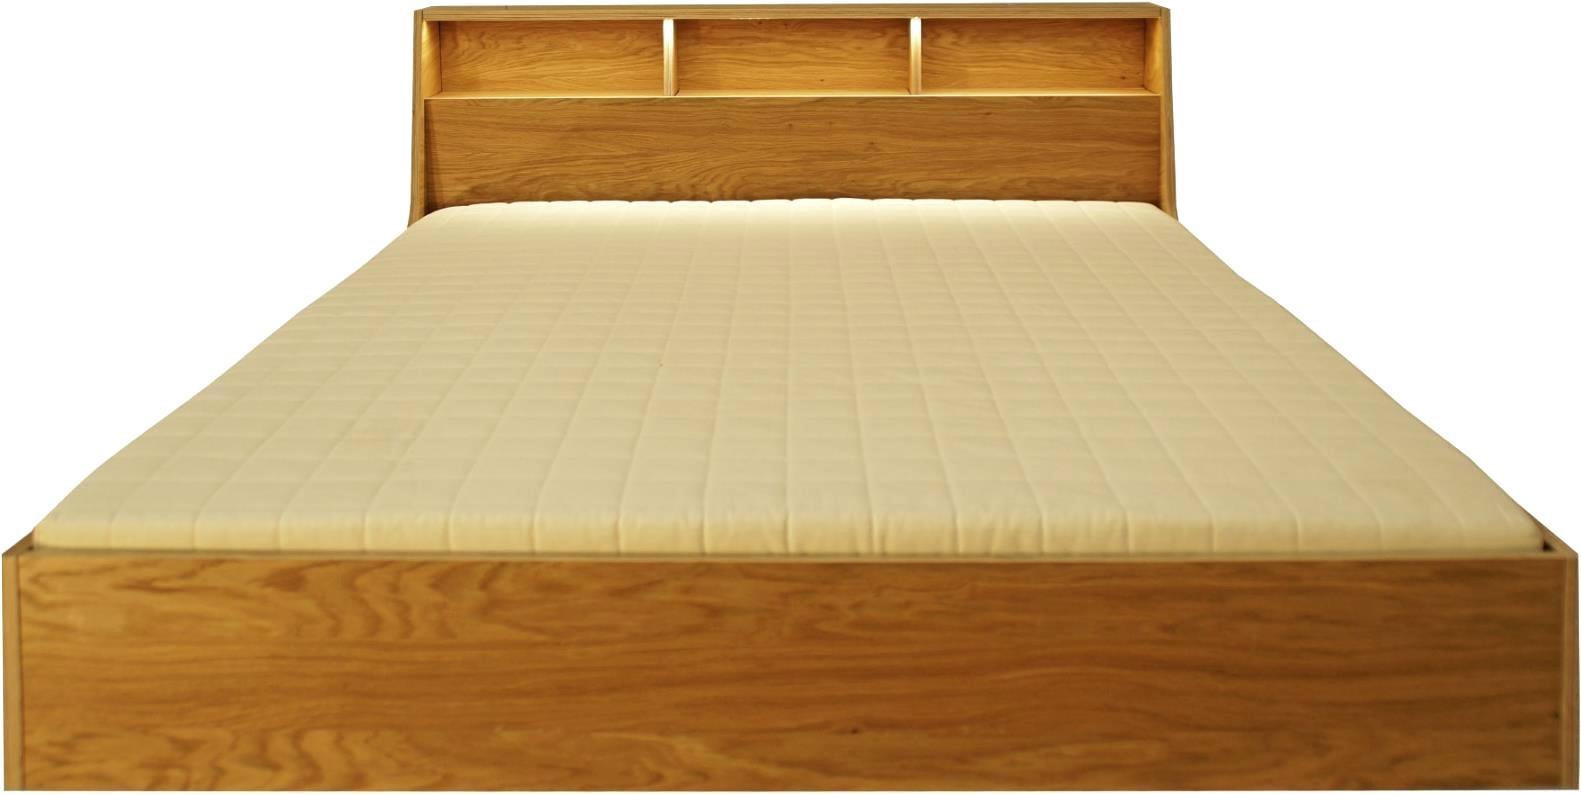 Full Size of Komplettbett 180x220 Bett 180 220 Cumberlandvalleyarc M2 Anleitung Beste Mbelideen Wohnzimmer Komplettbett 180x220